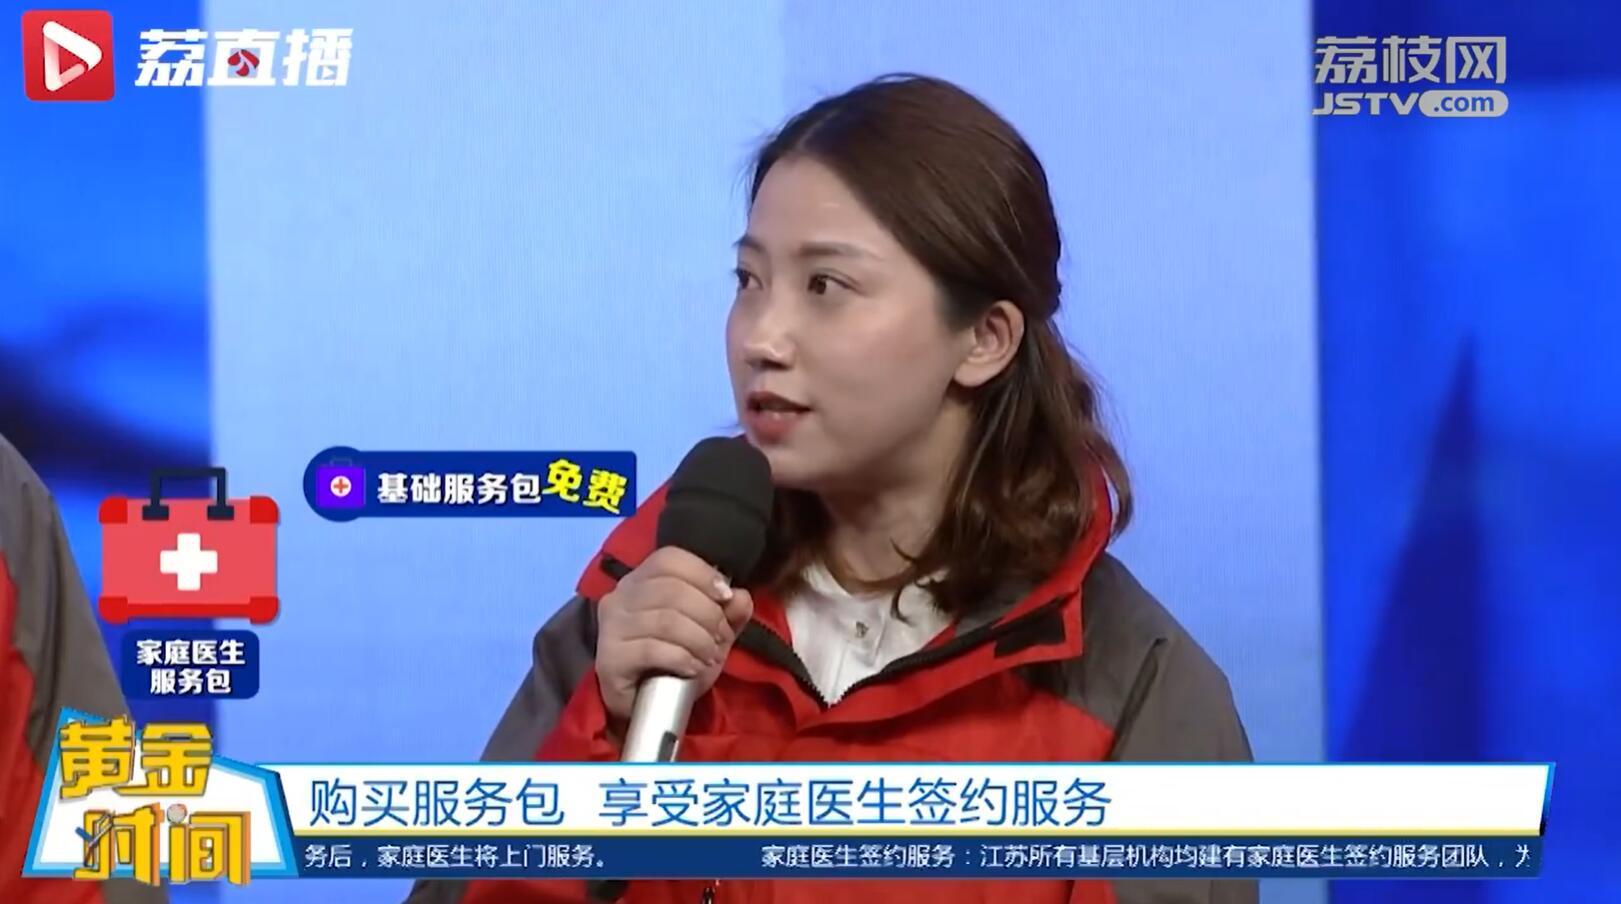 好消息!江苏推出家庭医生签约服务